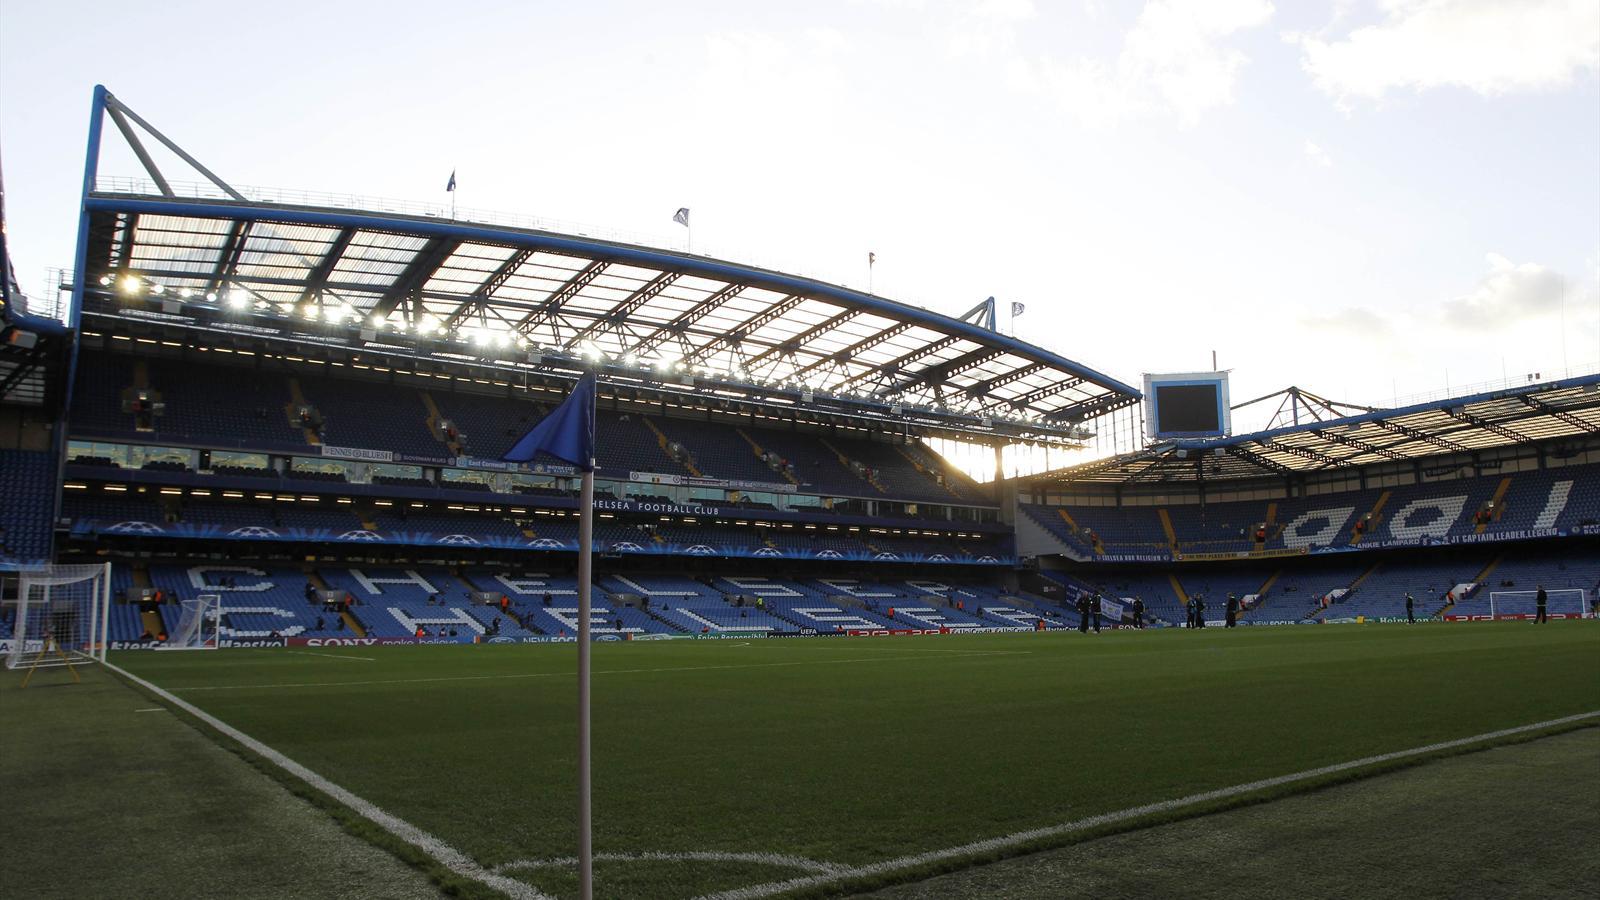 EN DIRECT / LIVE. Chelsea - Southampton - Premier League - 17 octobre 2020 - Eurosport